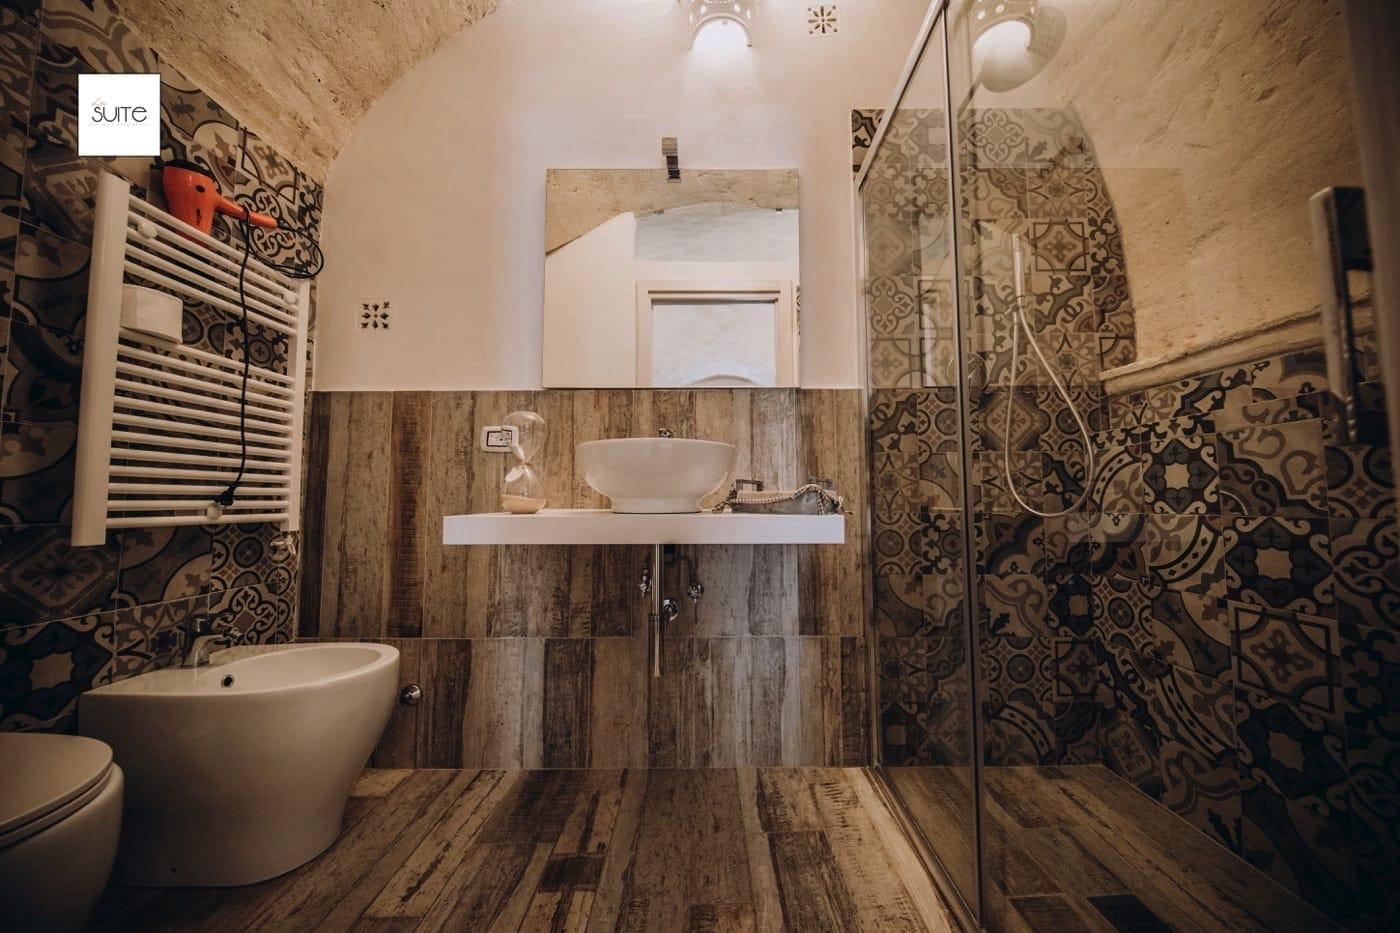 Camera Con Vasca Idromassaggio Per Due : Suite con vasca idromassaggio per due: eleganti appartamenti nel